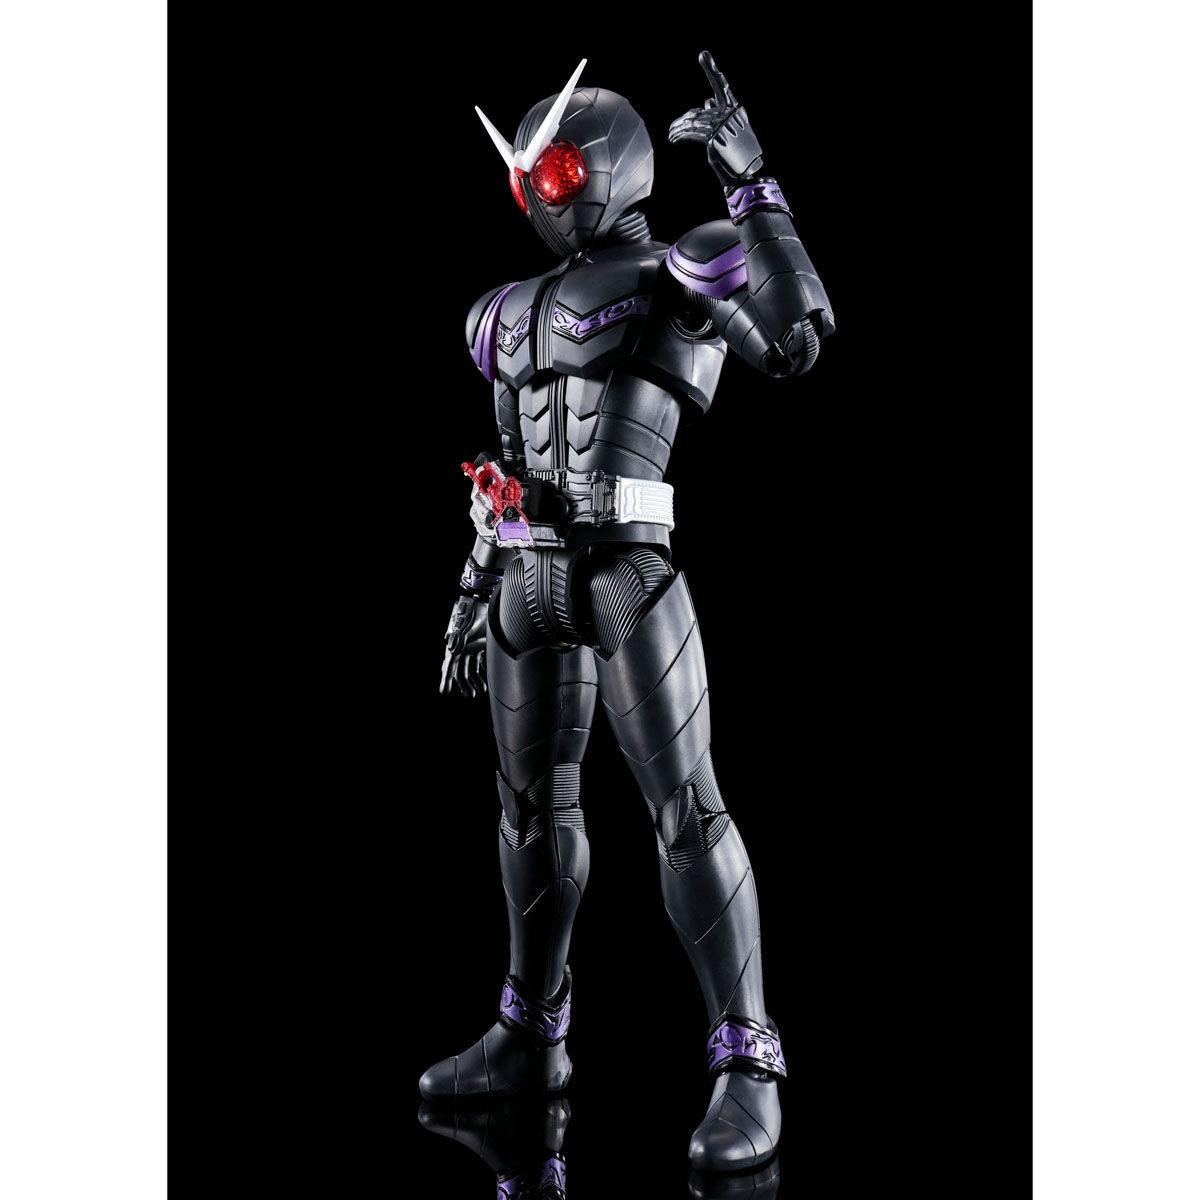 【限定販売】Figure-rise Standard『仮面ライダージョーカー』仮面ライダーW プラモデル-007